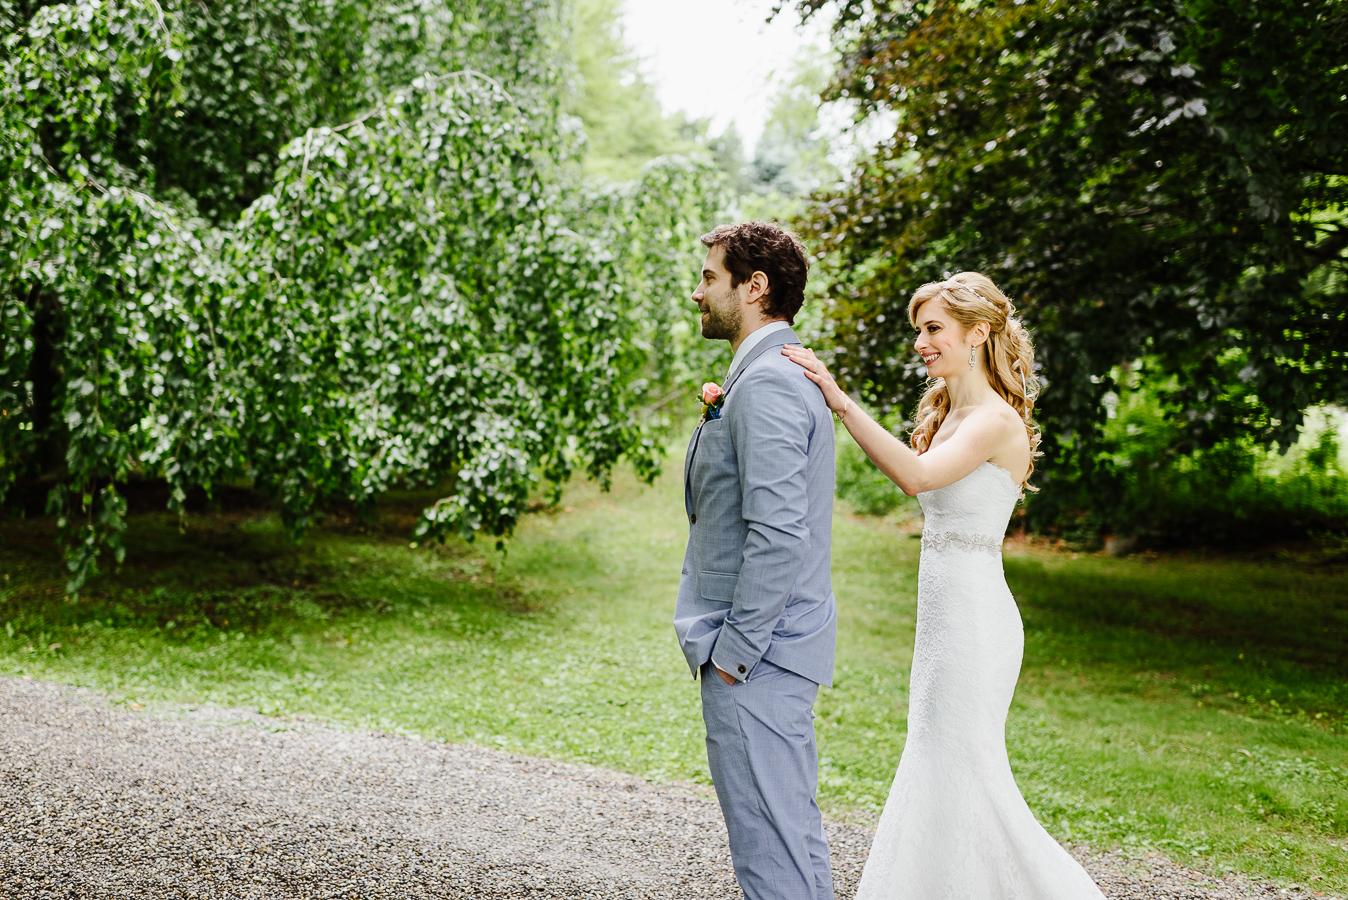 Stylish Crossed Keys Inn Wedding Crossed Keys Wedding Crossed Keys Inn Andover NJ Longbrook Photography-12.jpg